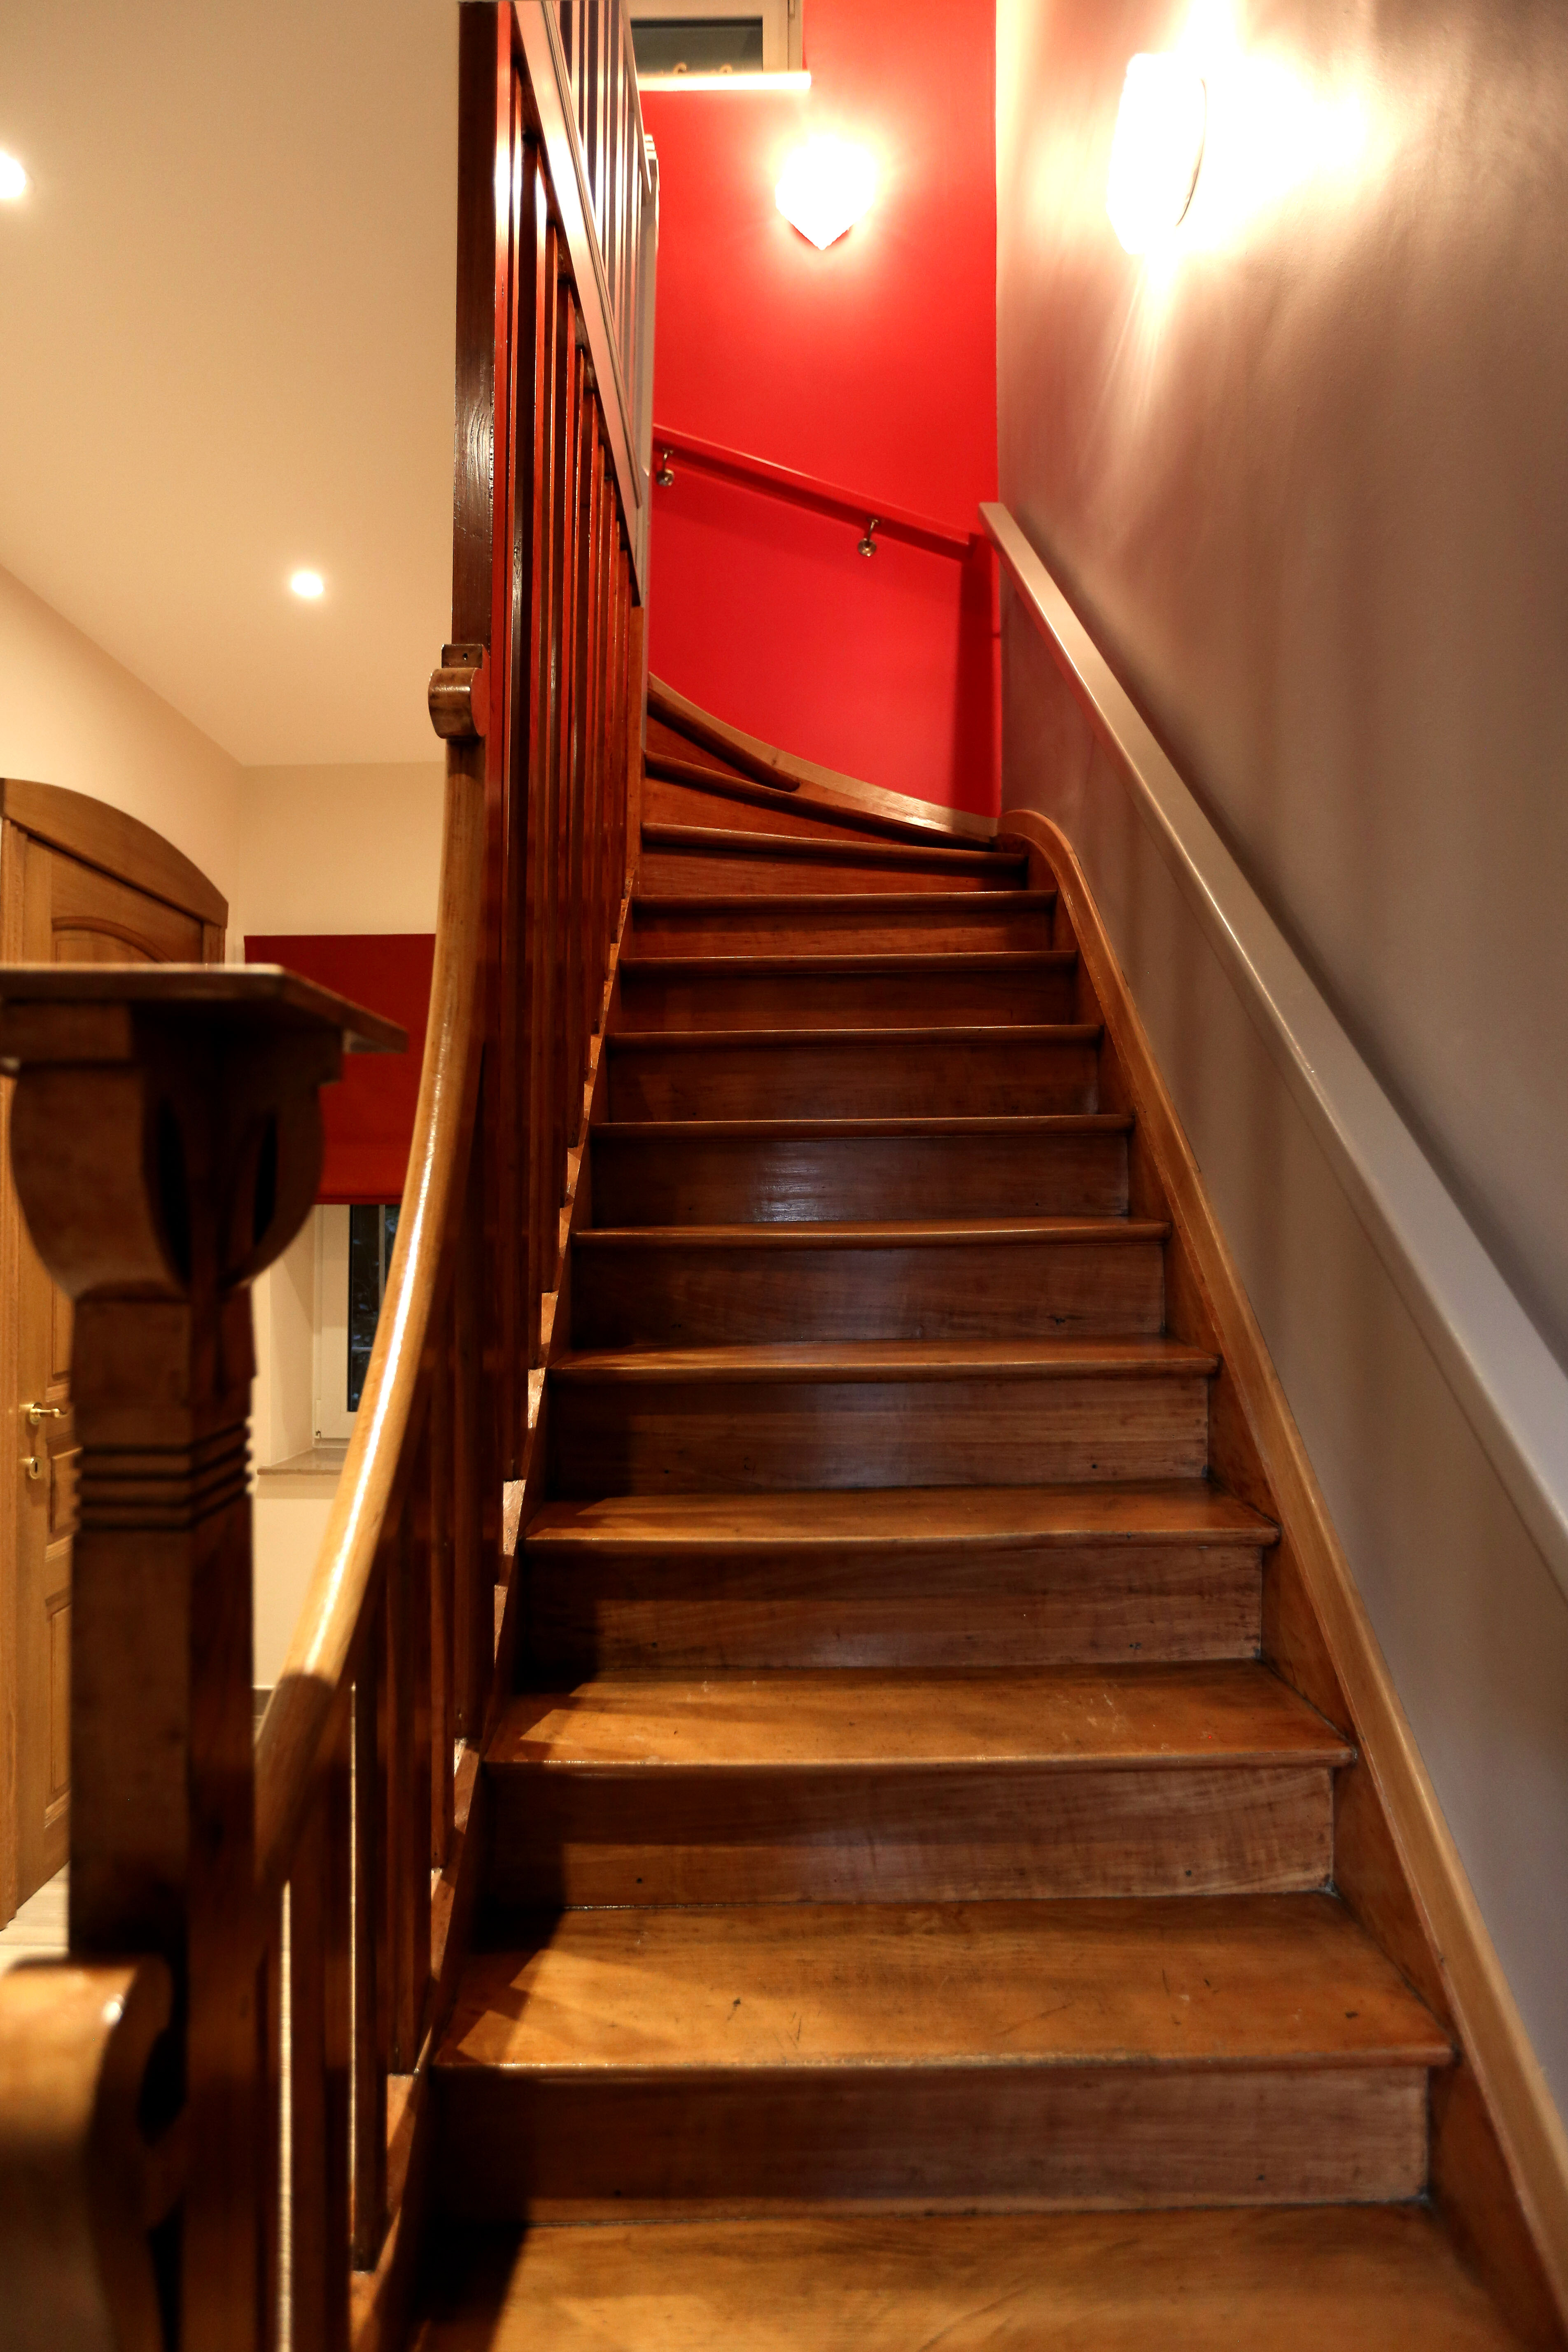 escaliers gite les roches tous droits réservés